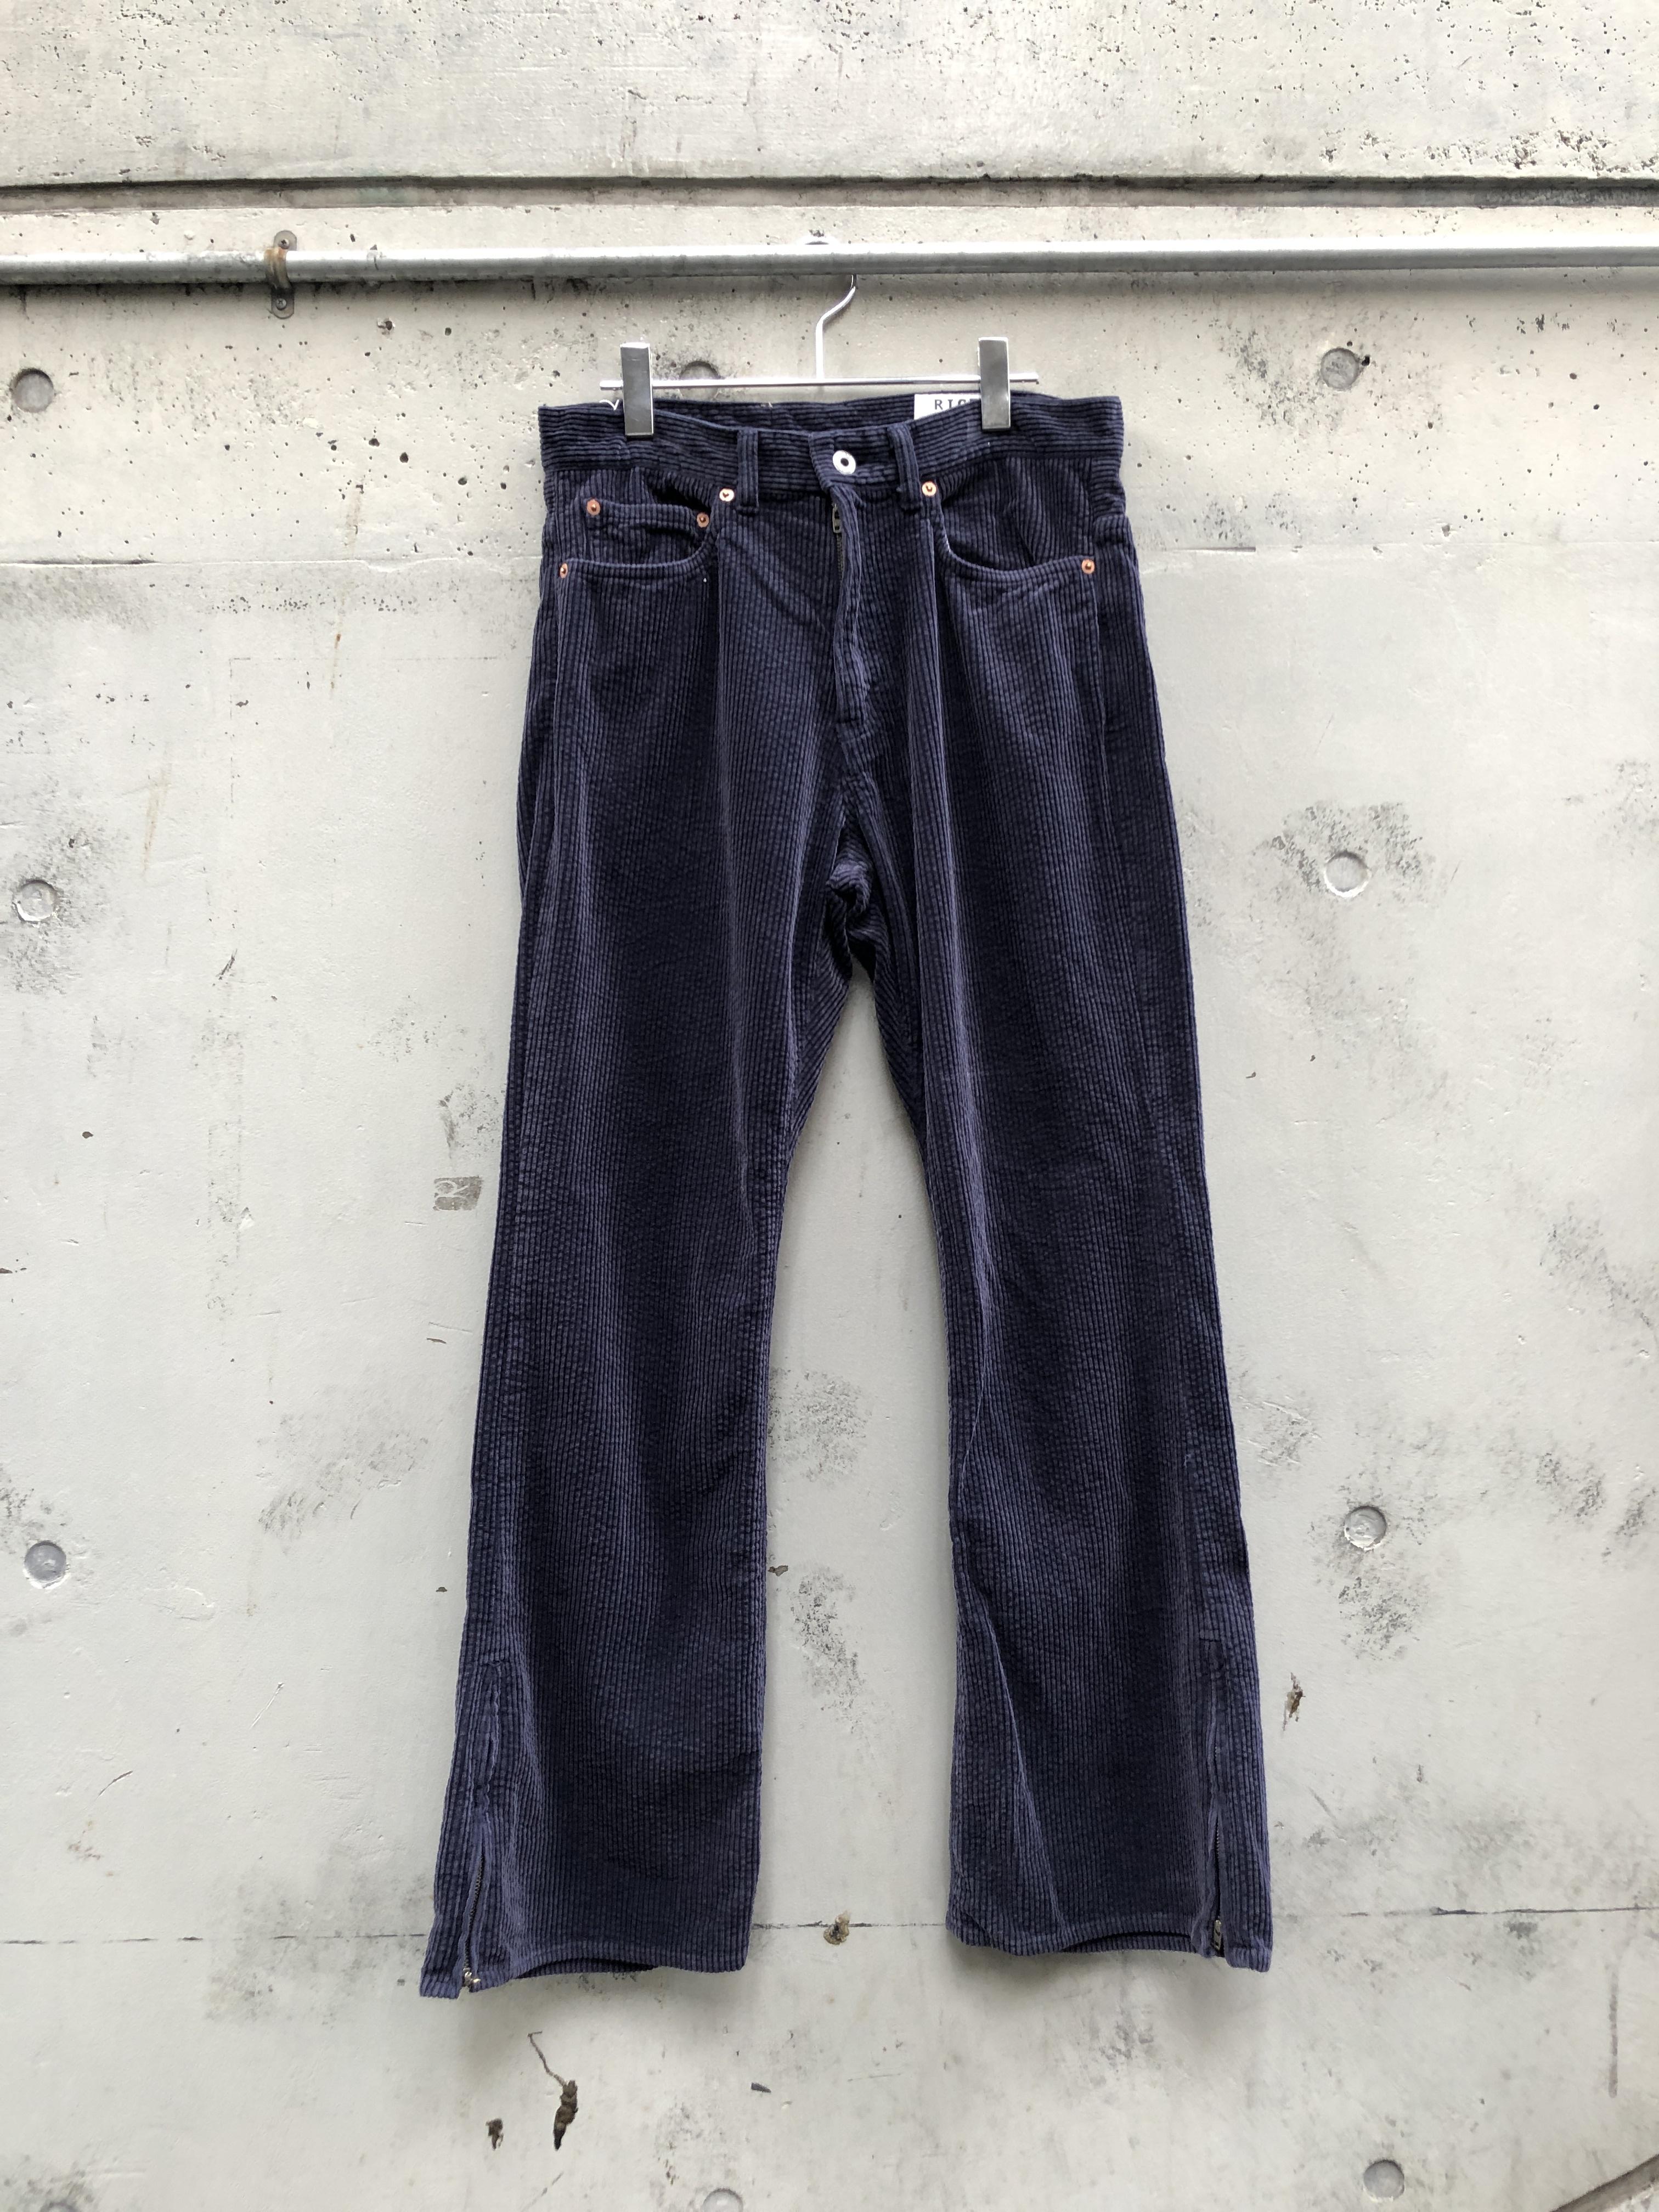 『RICE NINE TEN』corduroy bio washed bootcut pants / NAVY